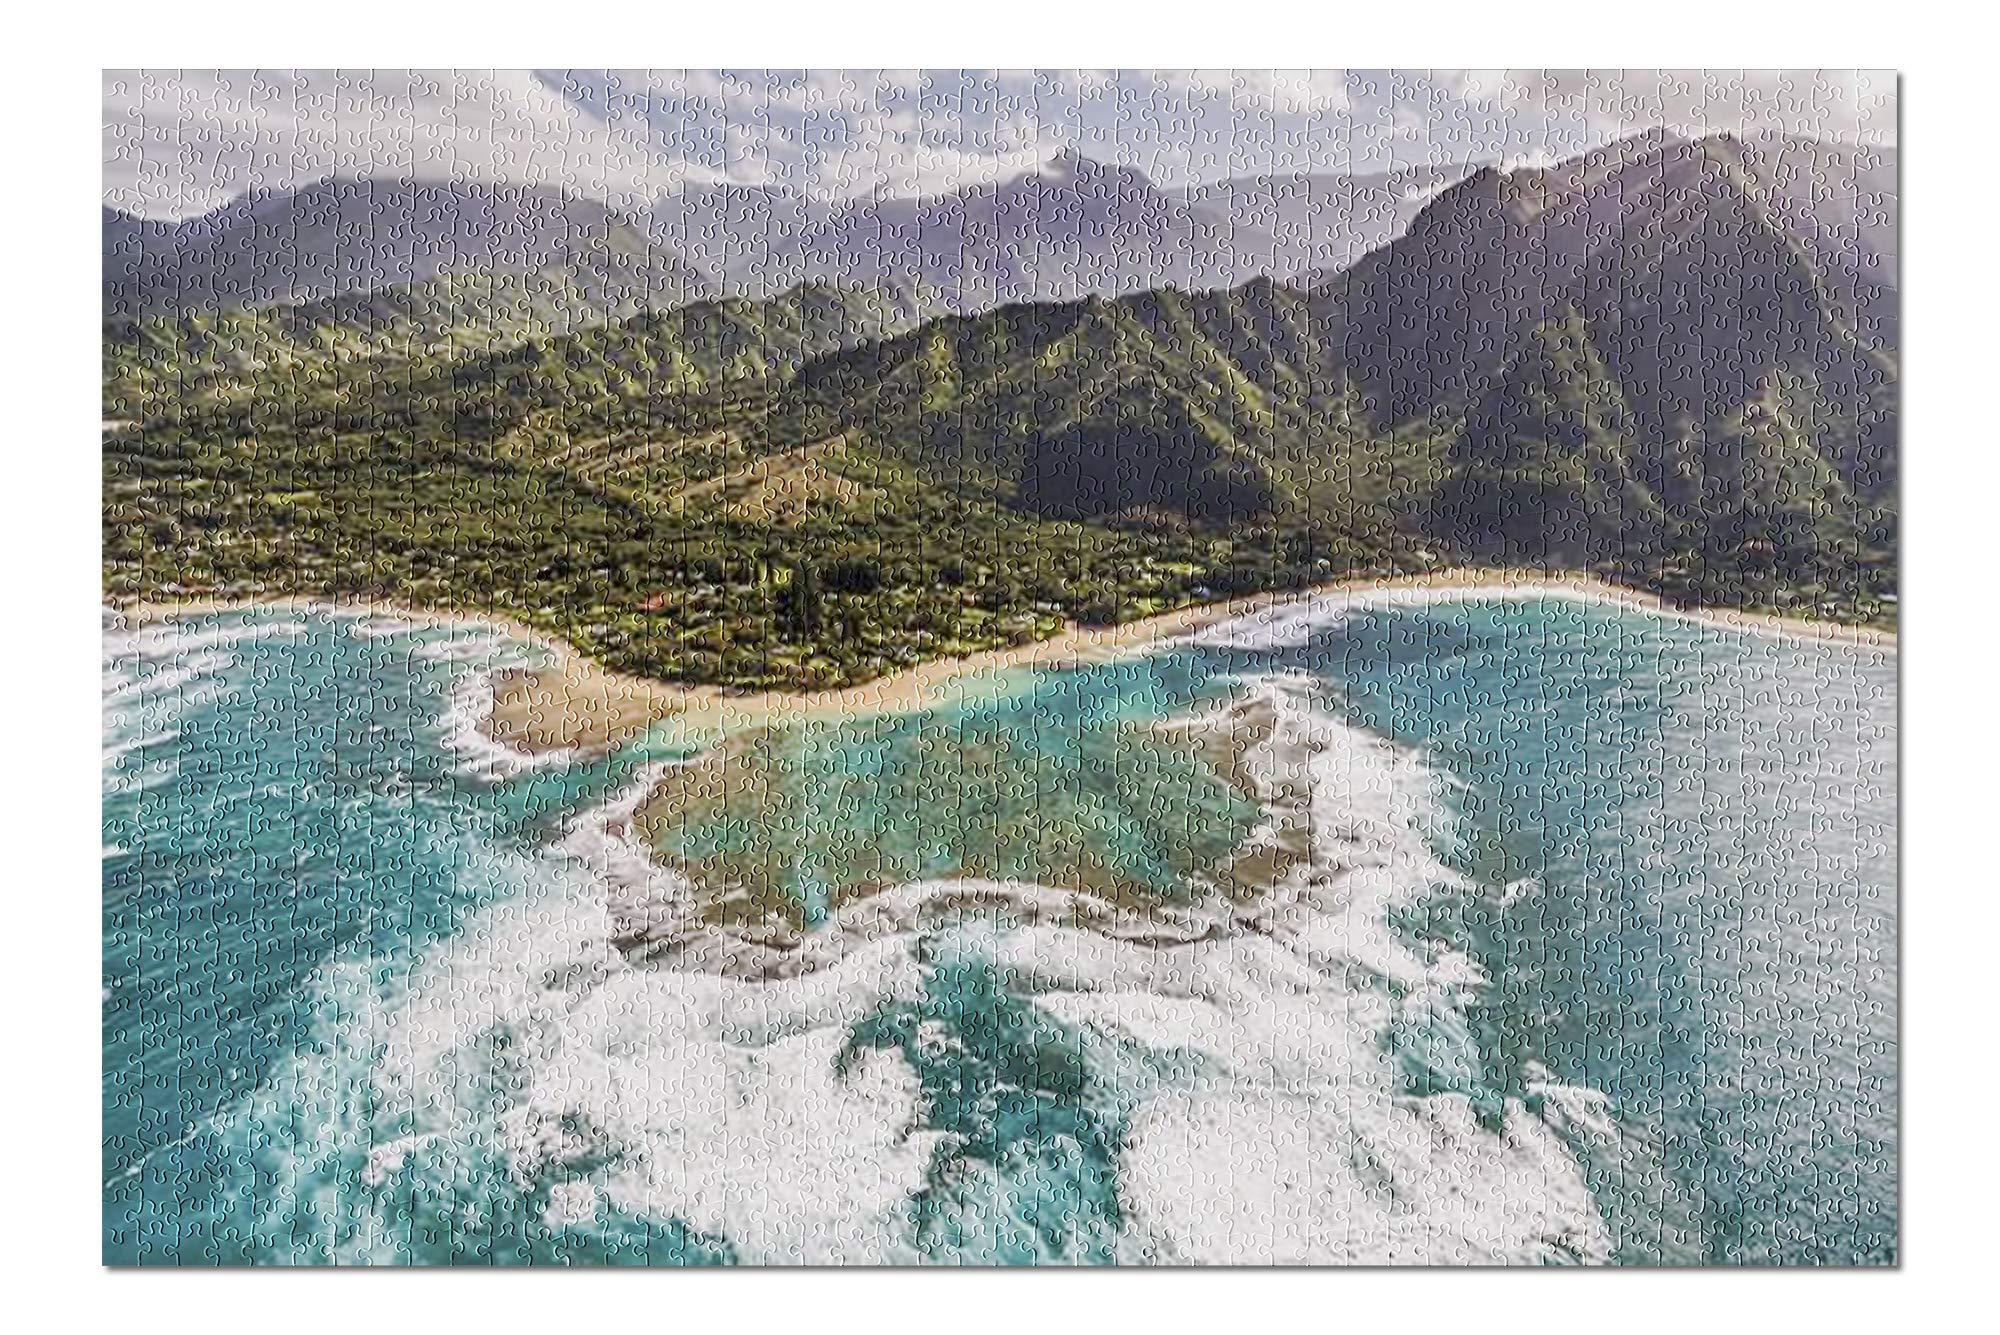 Kauai, Hawaii - Aerial view of Tunnels Beach 9002900 (19x27 Premium 1000 Piece Jigsaw Puzzle, Made in USA!)